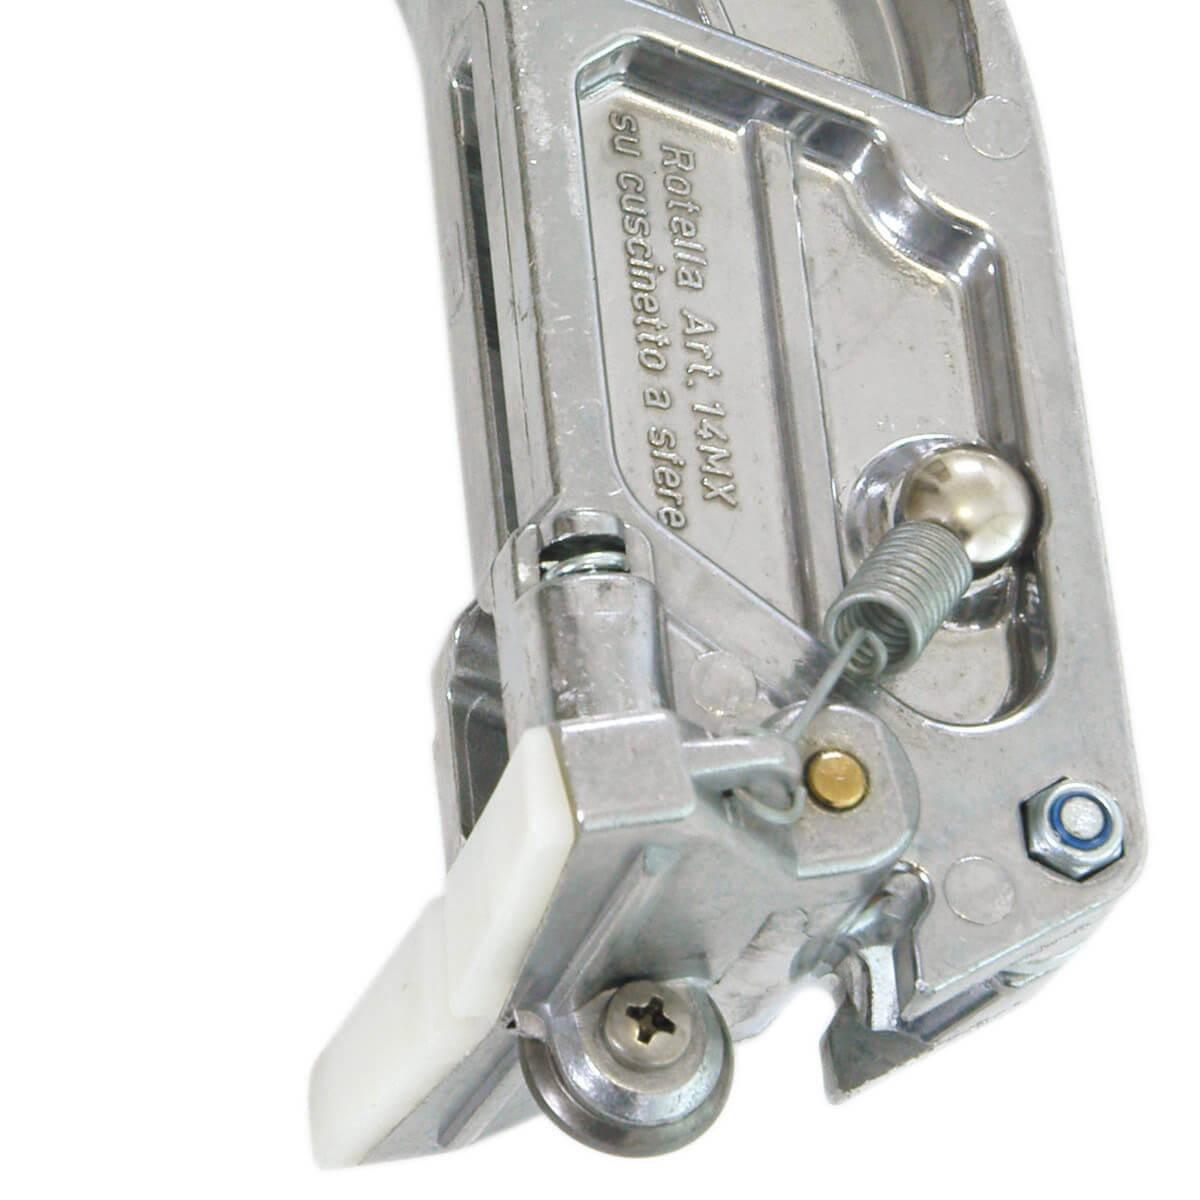 sigma max handle carbide wheel